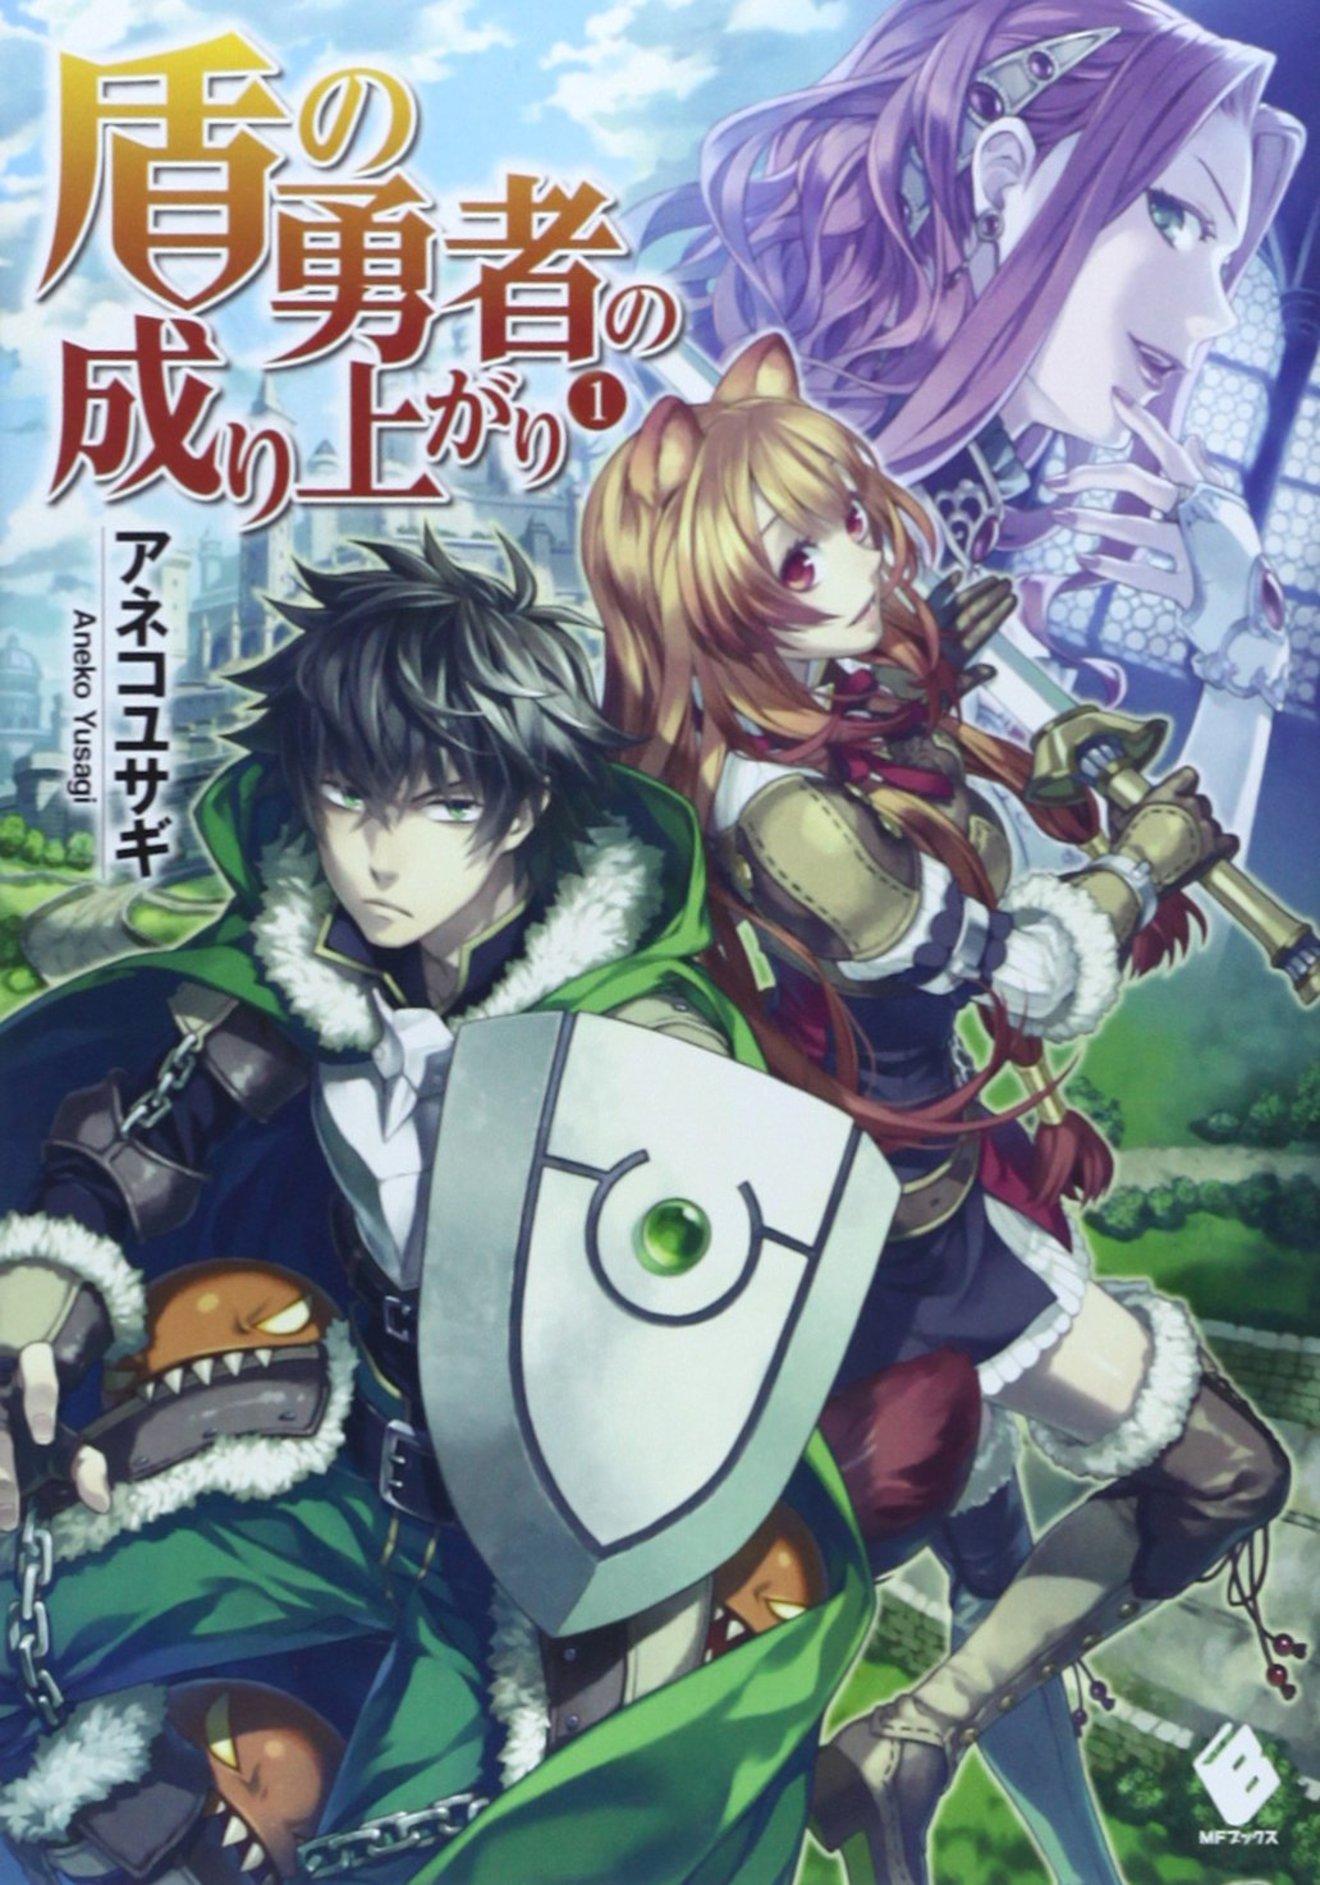 『盾の勇者の成り上がり』11巻まで全巻ネタバレ!アニメ化決定小説が面白い